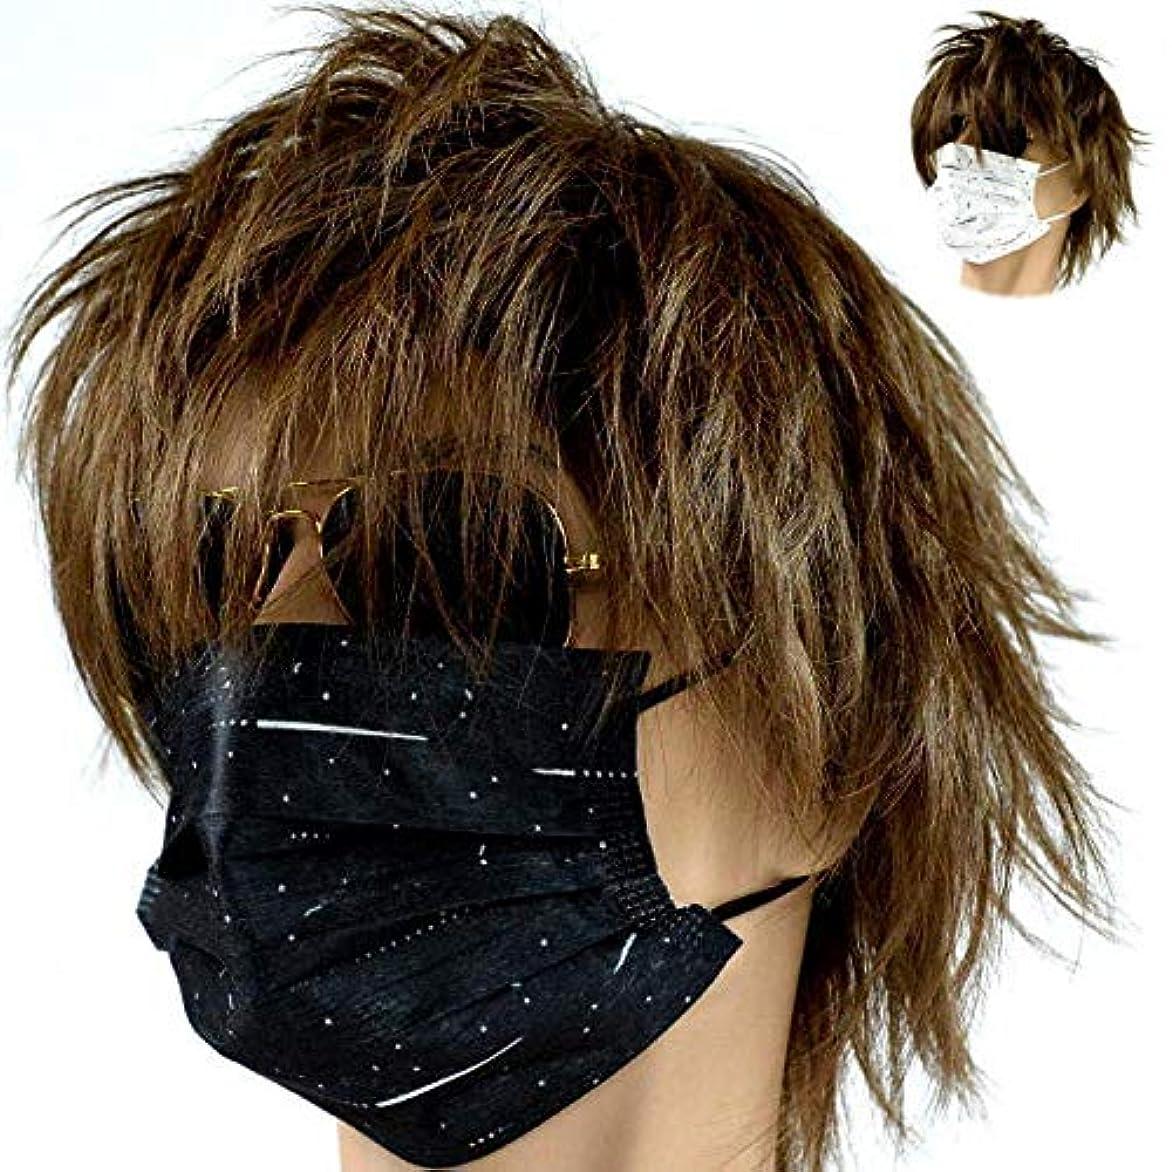 どきどき次プレフィックス黒 マスク ブラック マスク 黒マスク ブラックマスク 10枚入り 10枚パック 花粉 pm2.5 クロ 7992767